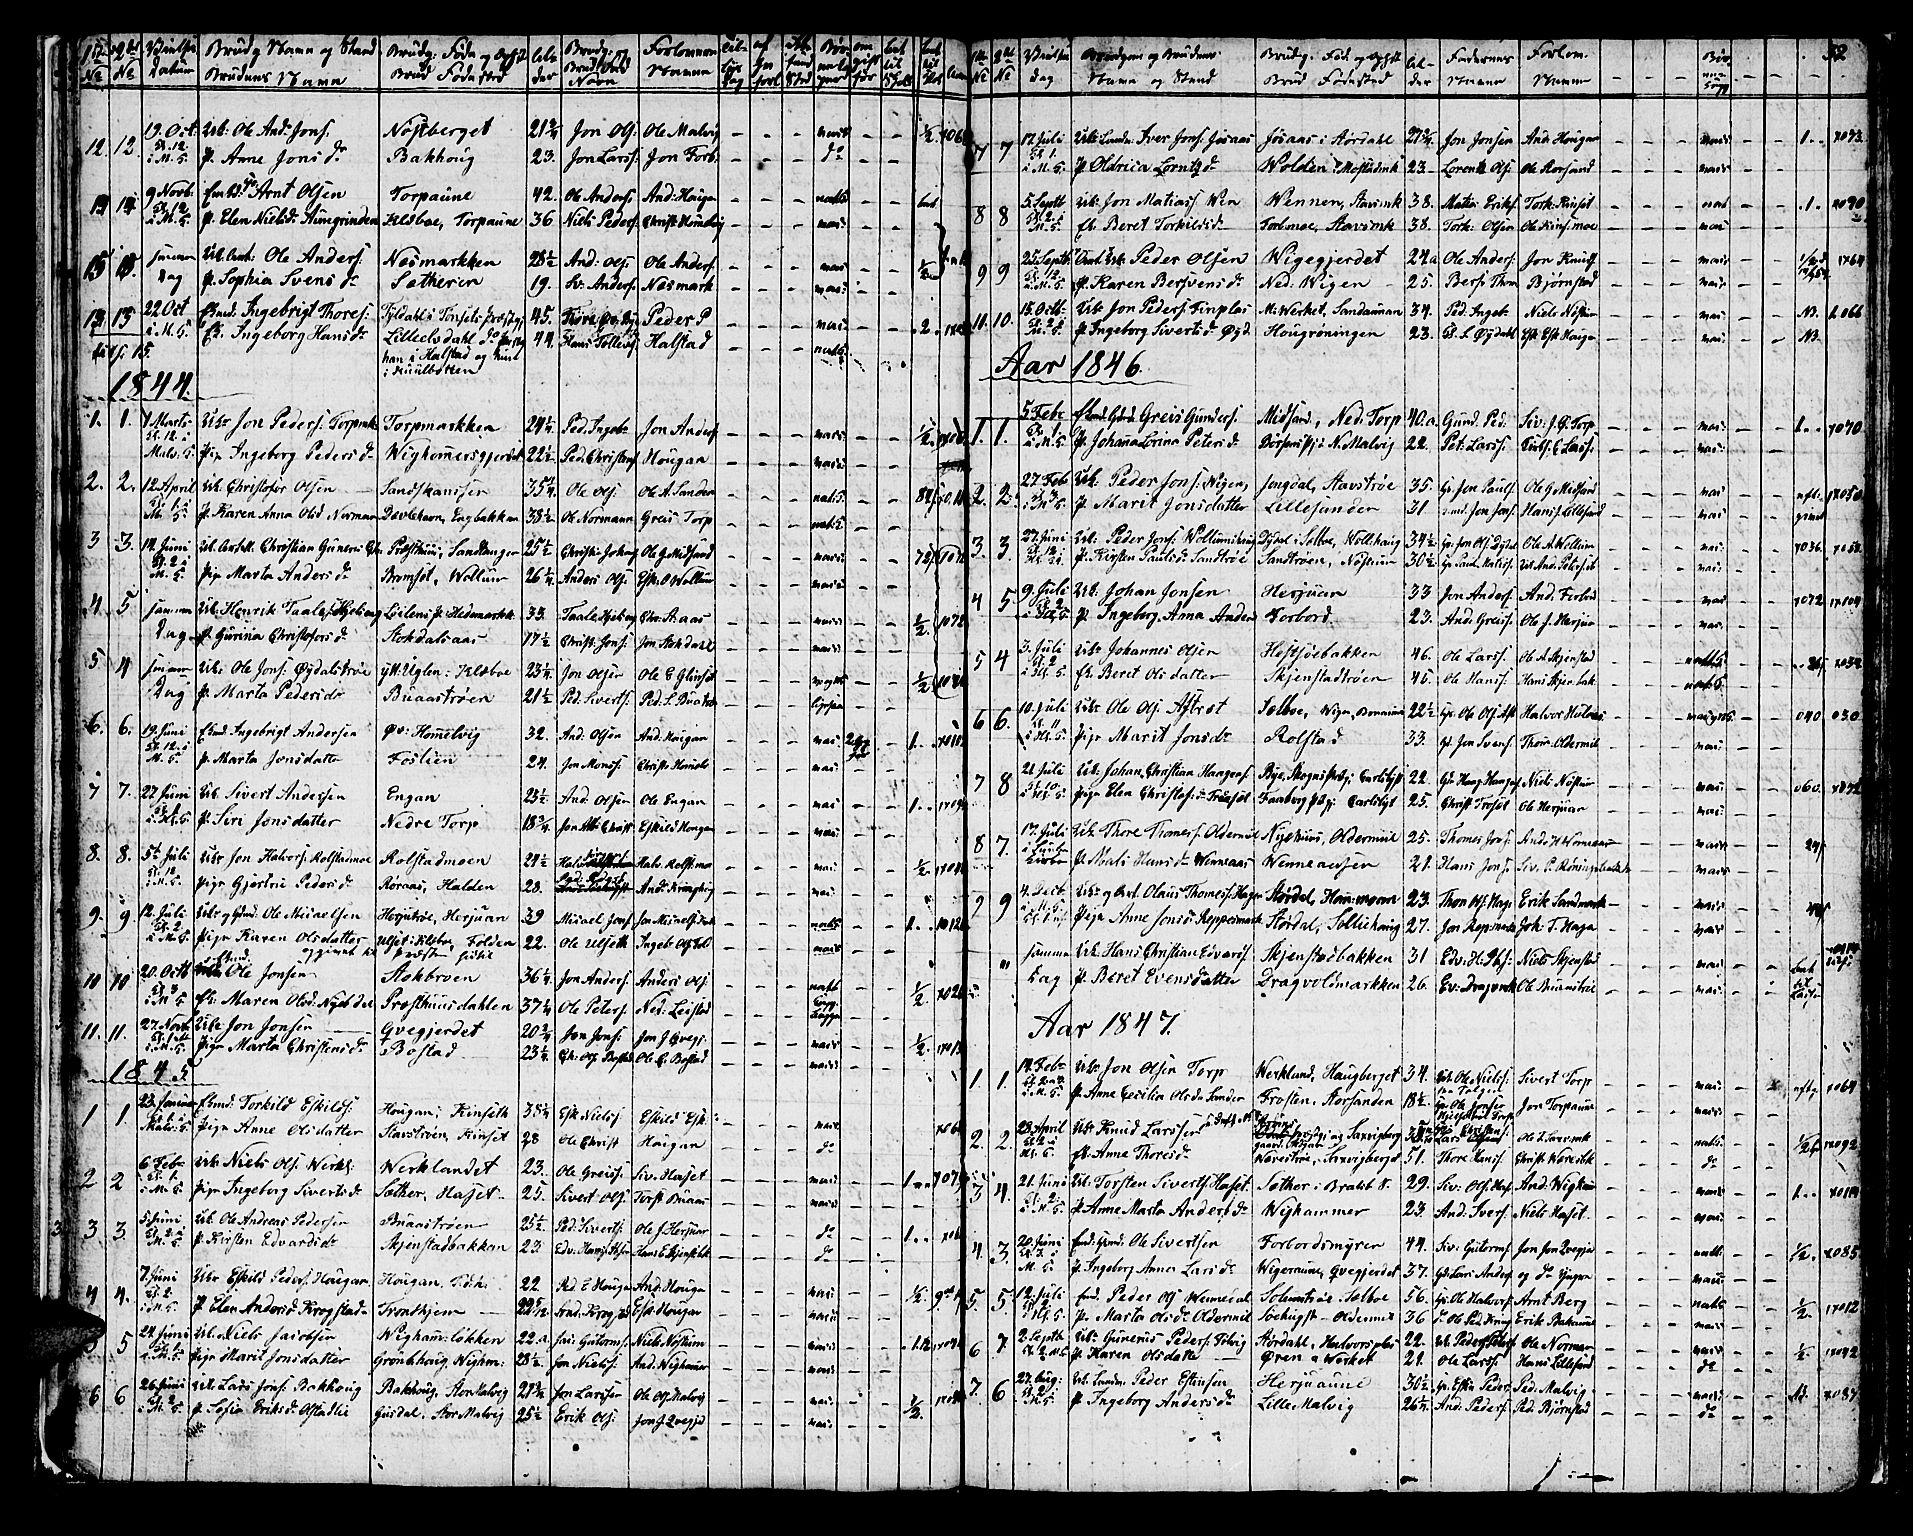 SAT, Ministerialprotokoller, klokkerbøker og fødselsregistre - Sør-Trøndelag, 616/L0421: Klokkerbok nr. 616C04, 1834-1850, s. 32